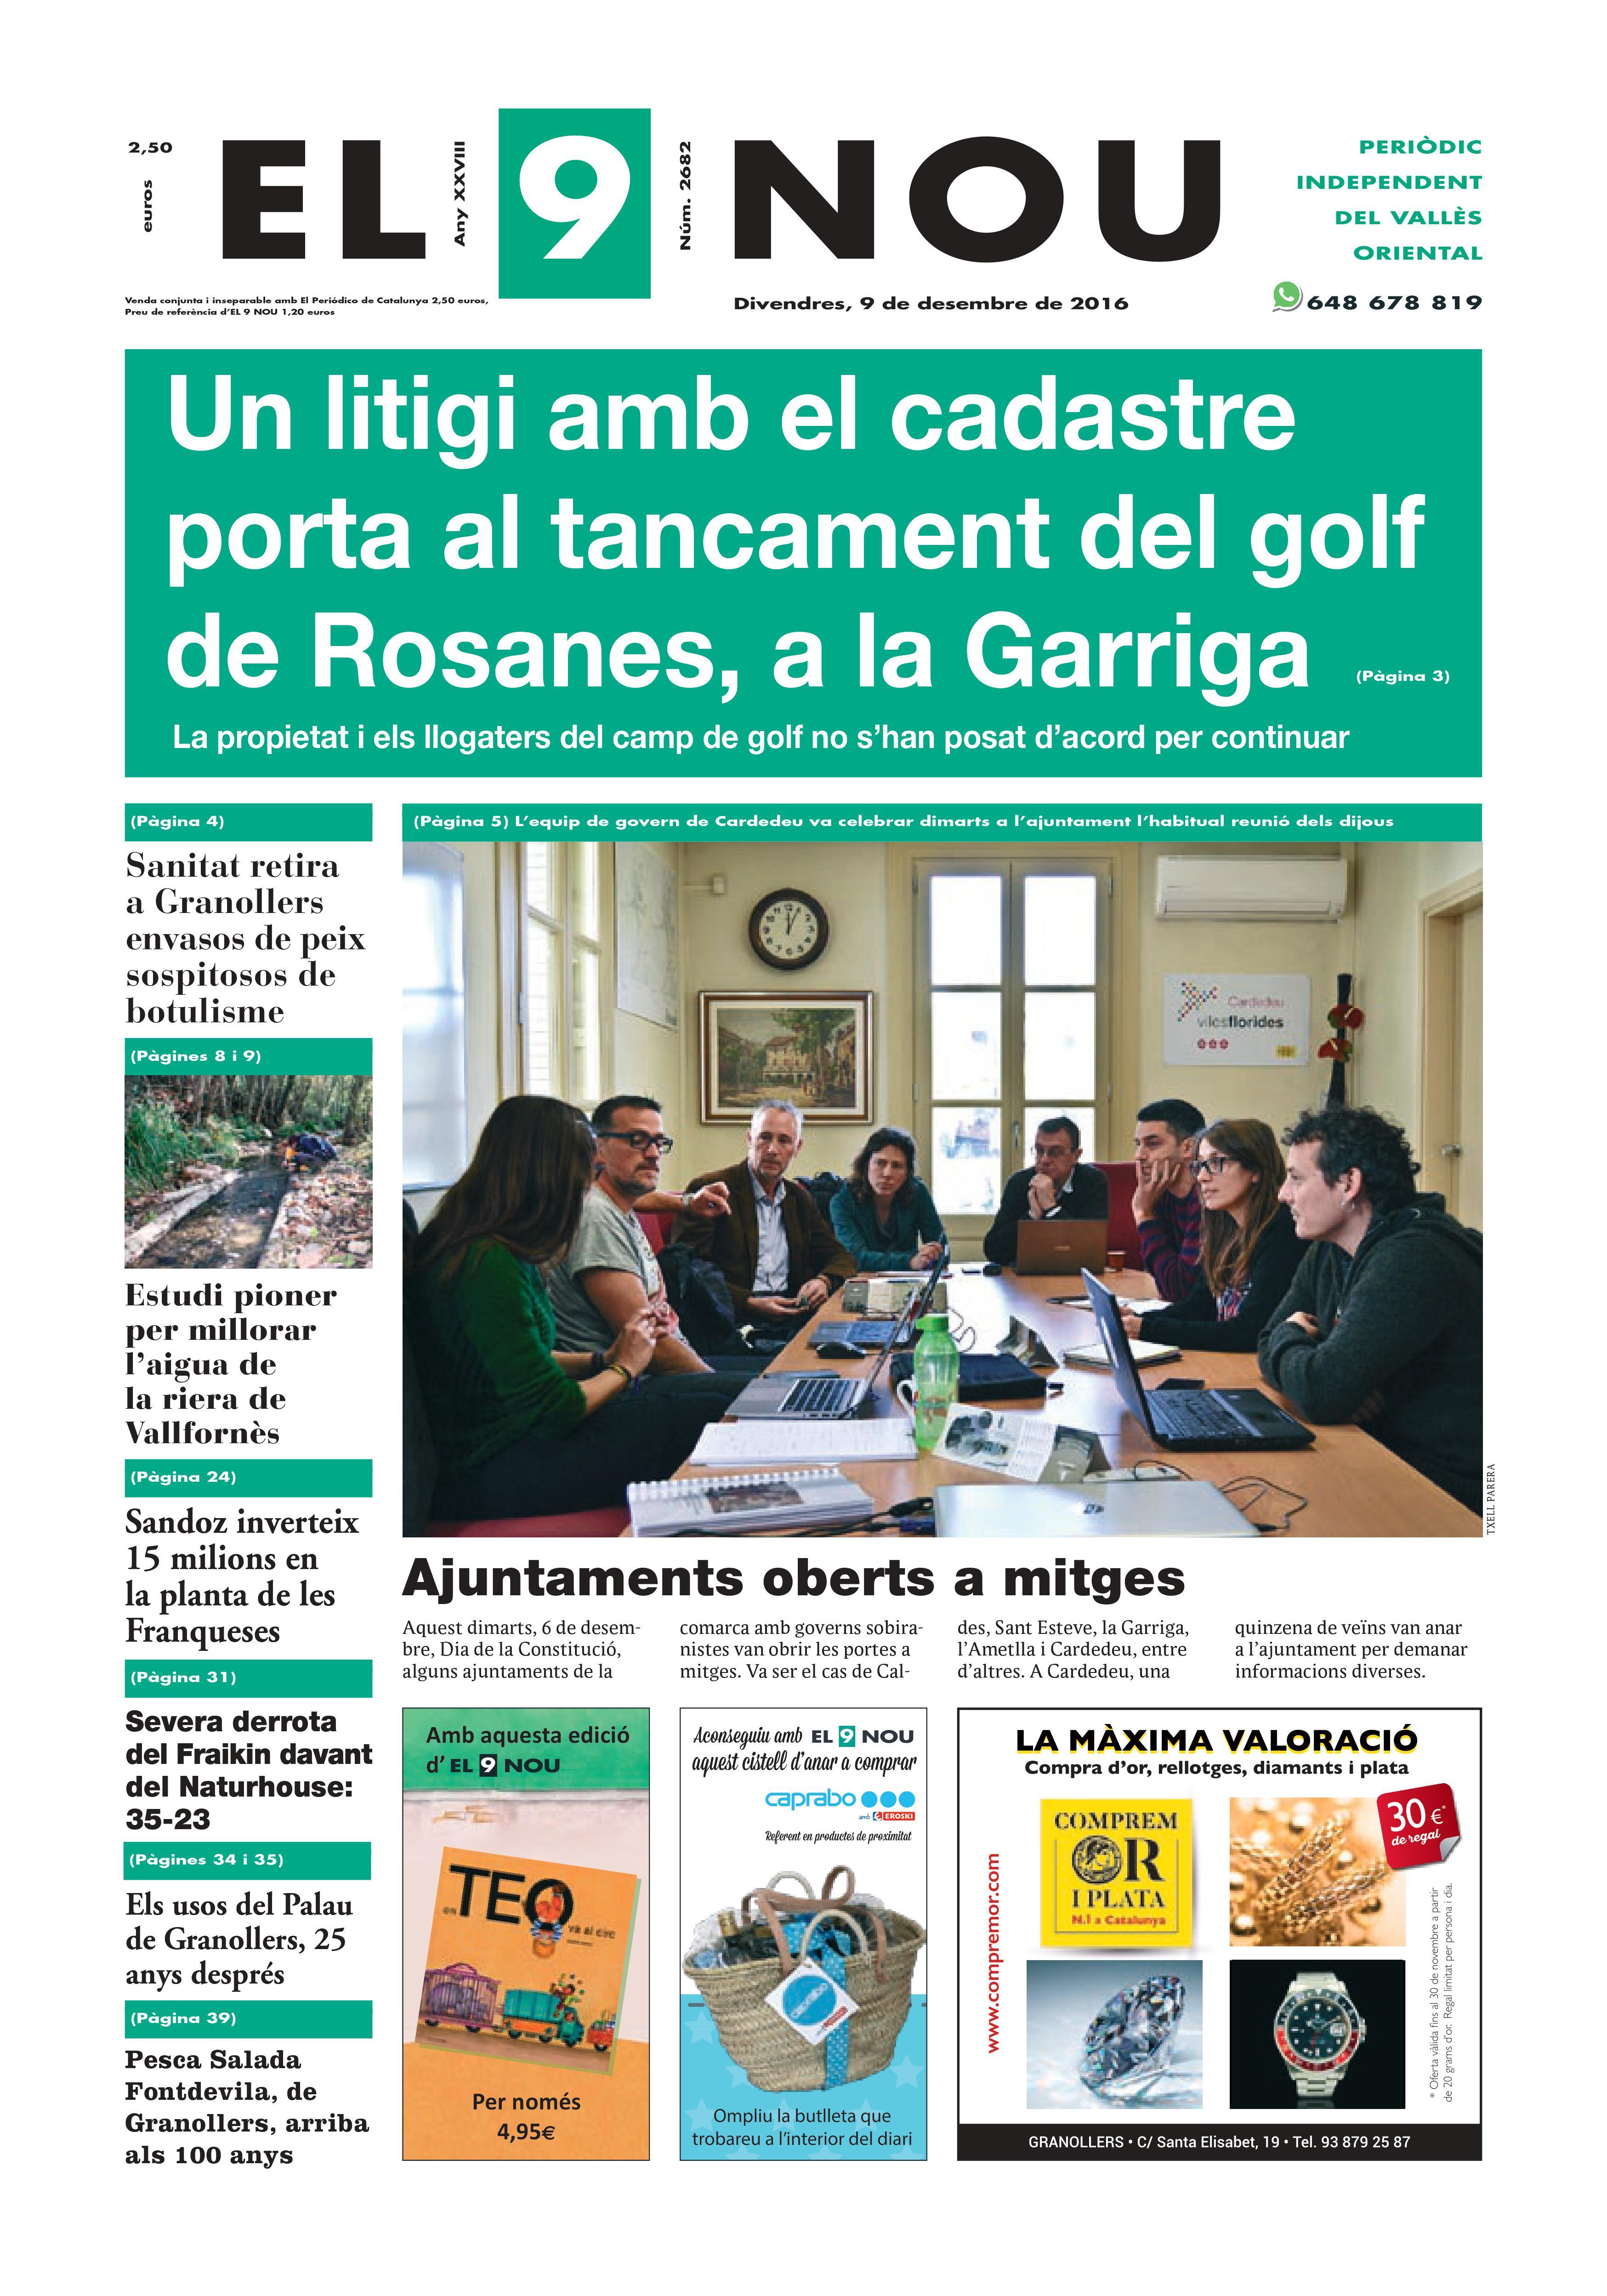 La portada del divendres 9 de desembre de 2016